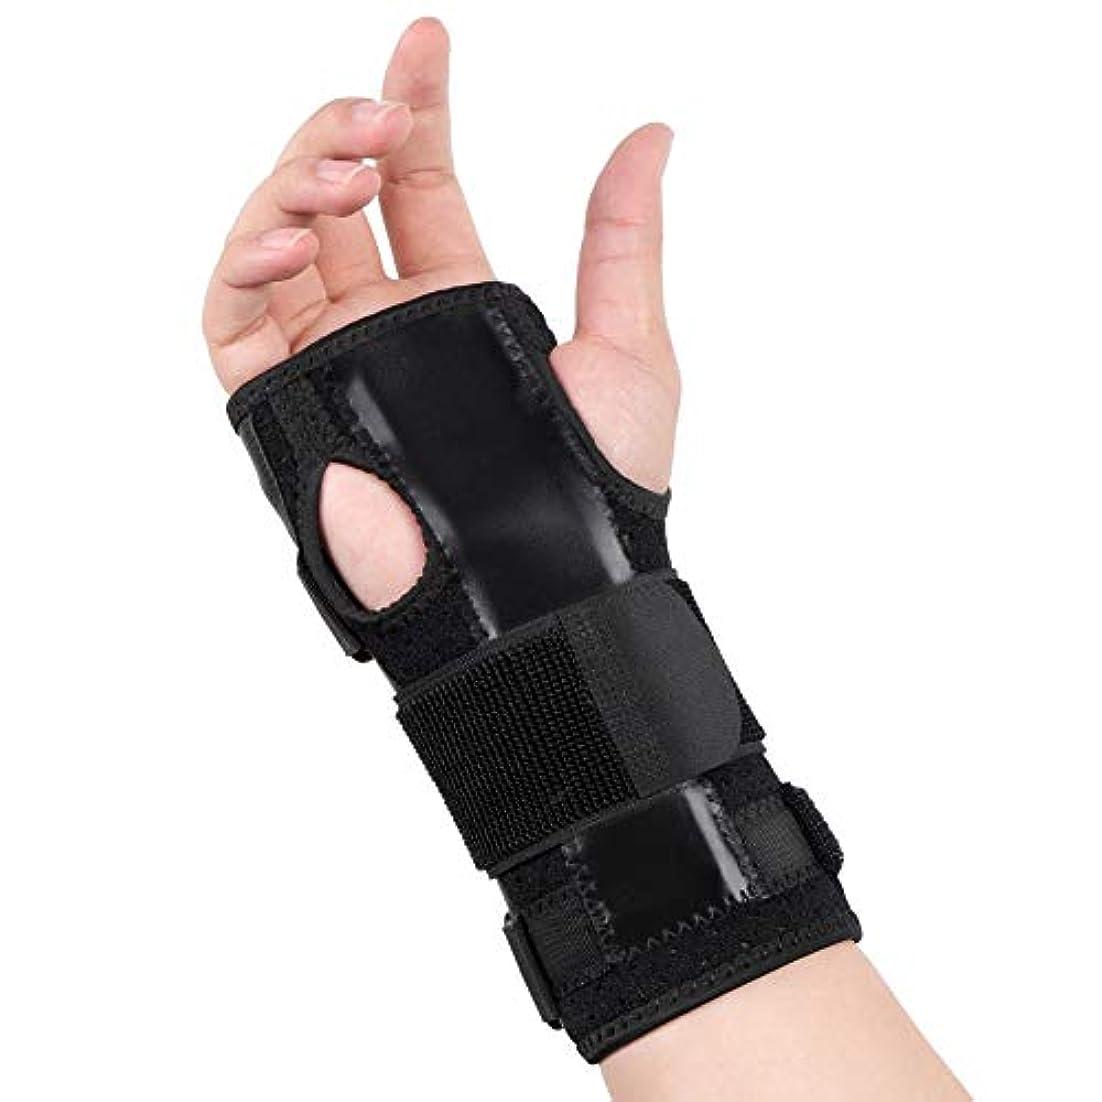 傀儡月屋内で手根管手首ブレース、腱炎マウスの手の怪我のための取り外し可能なスプリント安定剤を備えた快適で調整可能な手首のサポート、男性女性のためのナイトリスト睡眠サポート